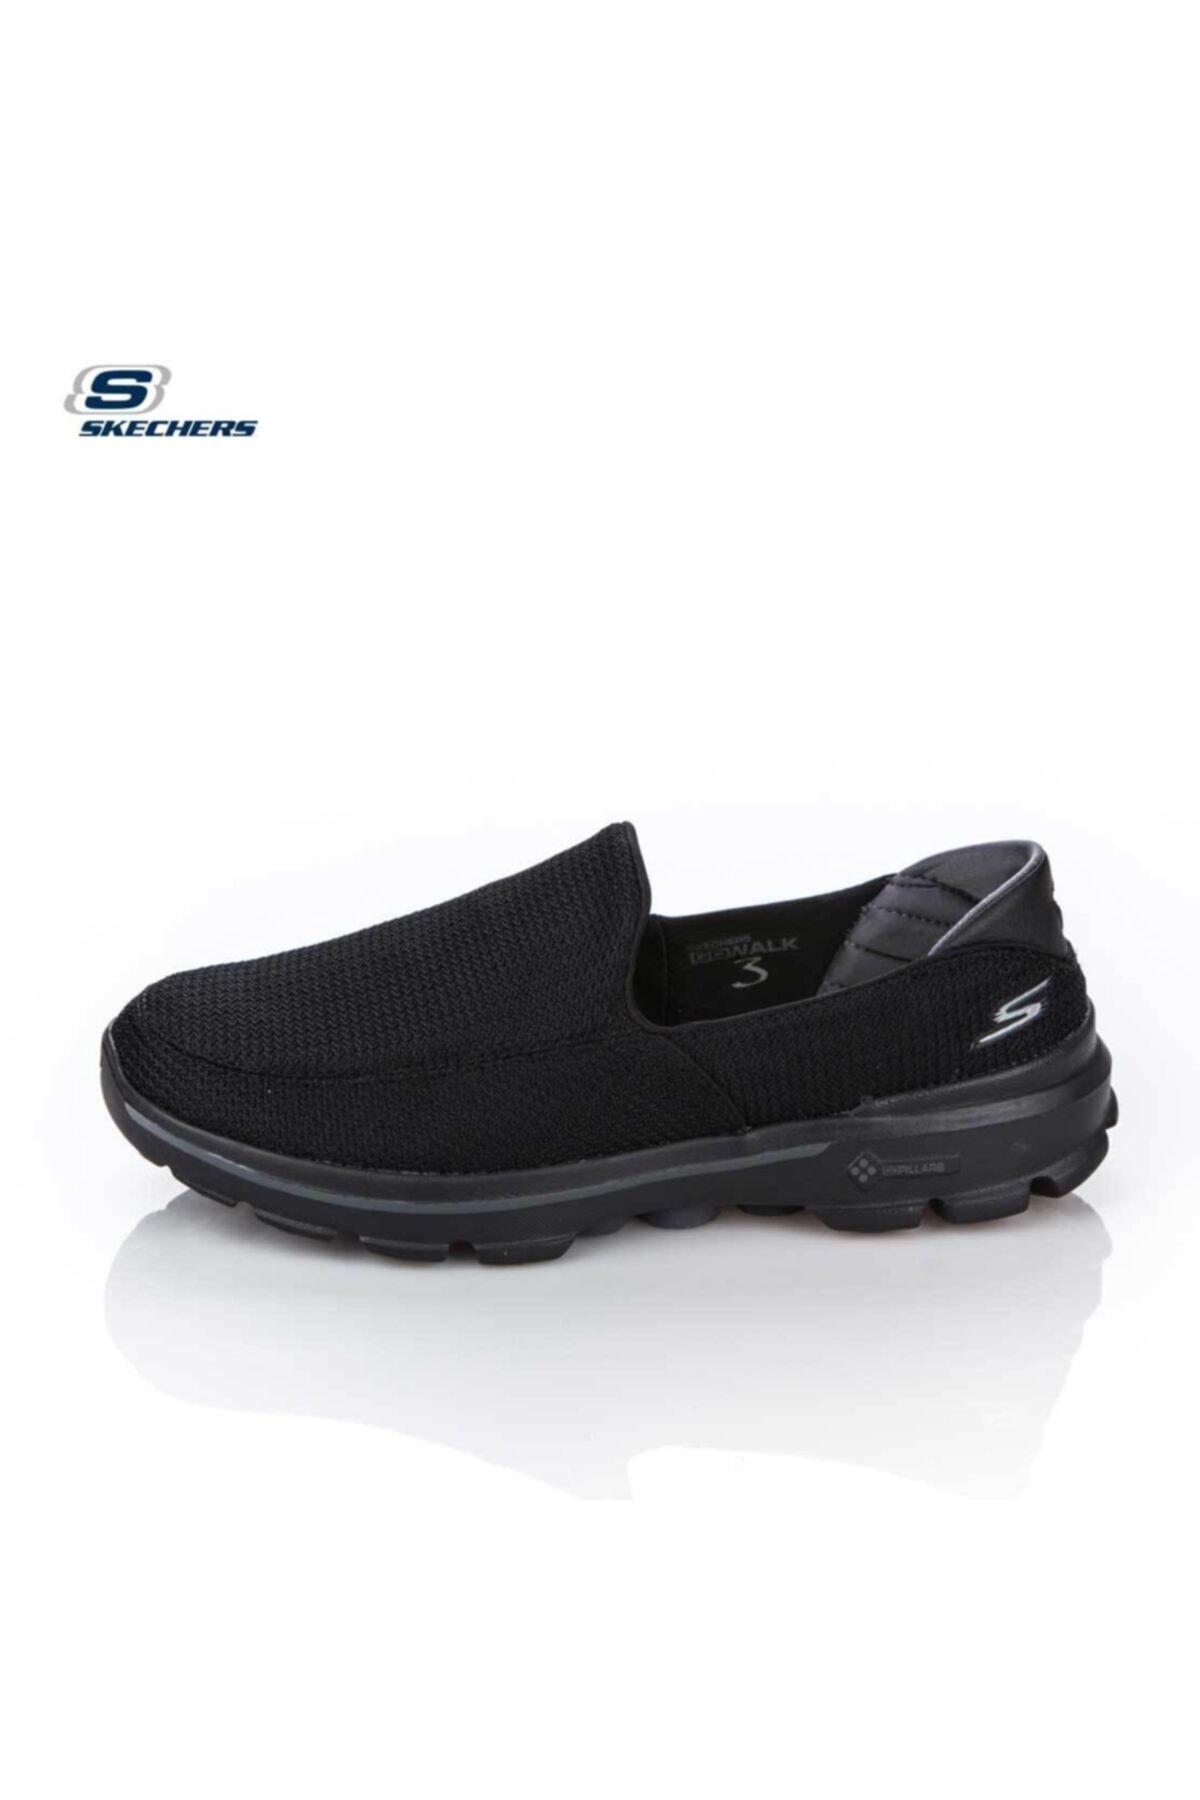 Skechers Siyah Erkek Spor Ayakkabı 53980 Bbk Go Walk 3 Black